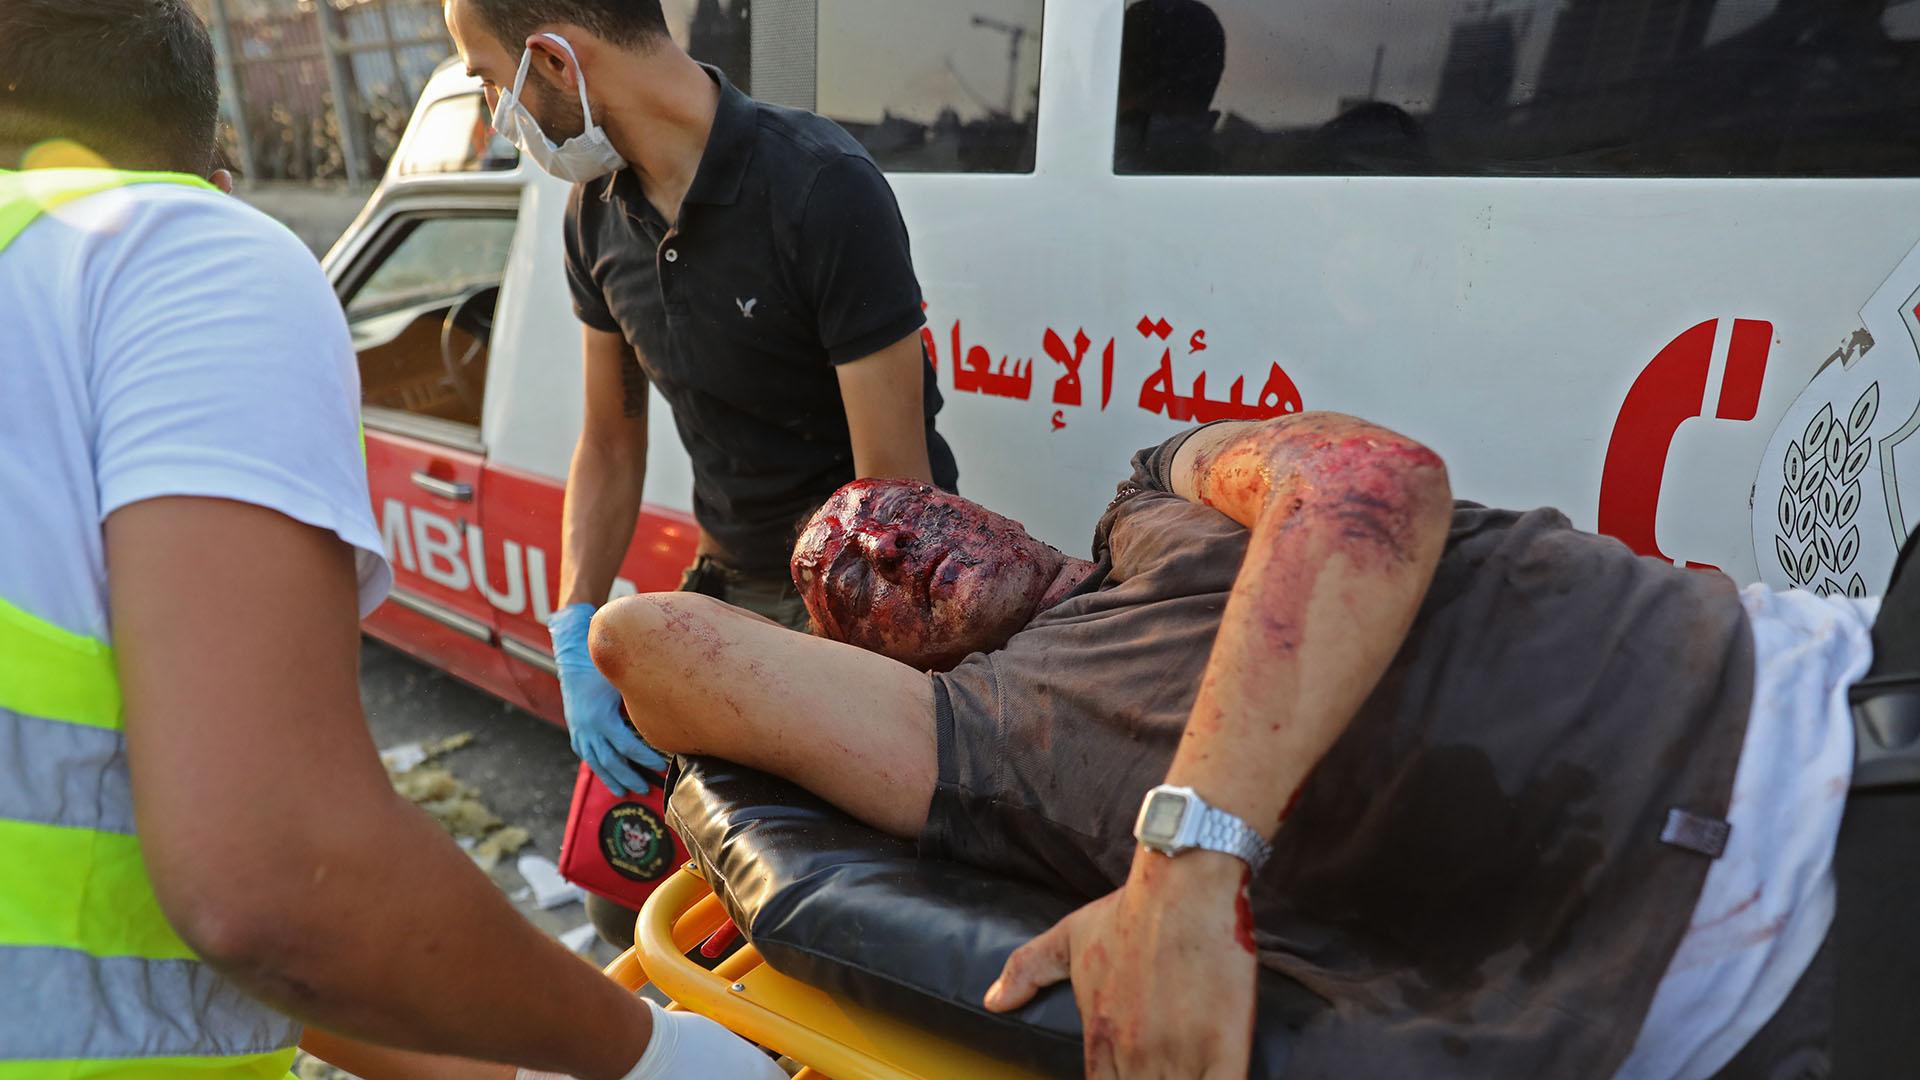 Paramédicos trasladan a un hombre gravemente lastimado en la escena de la explosión en la capital libanesa (Foto de Anwar Amro/ AFP)